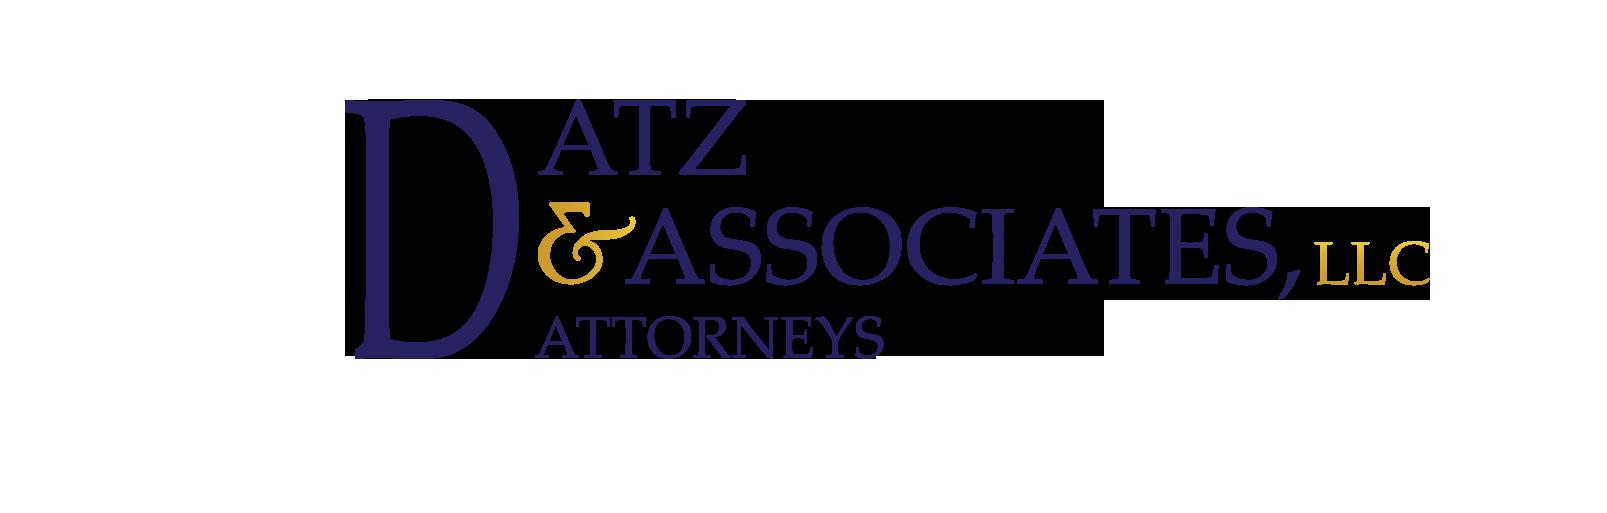 Datz & Associates, LLC